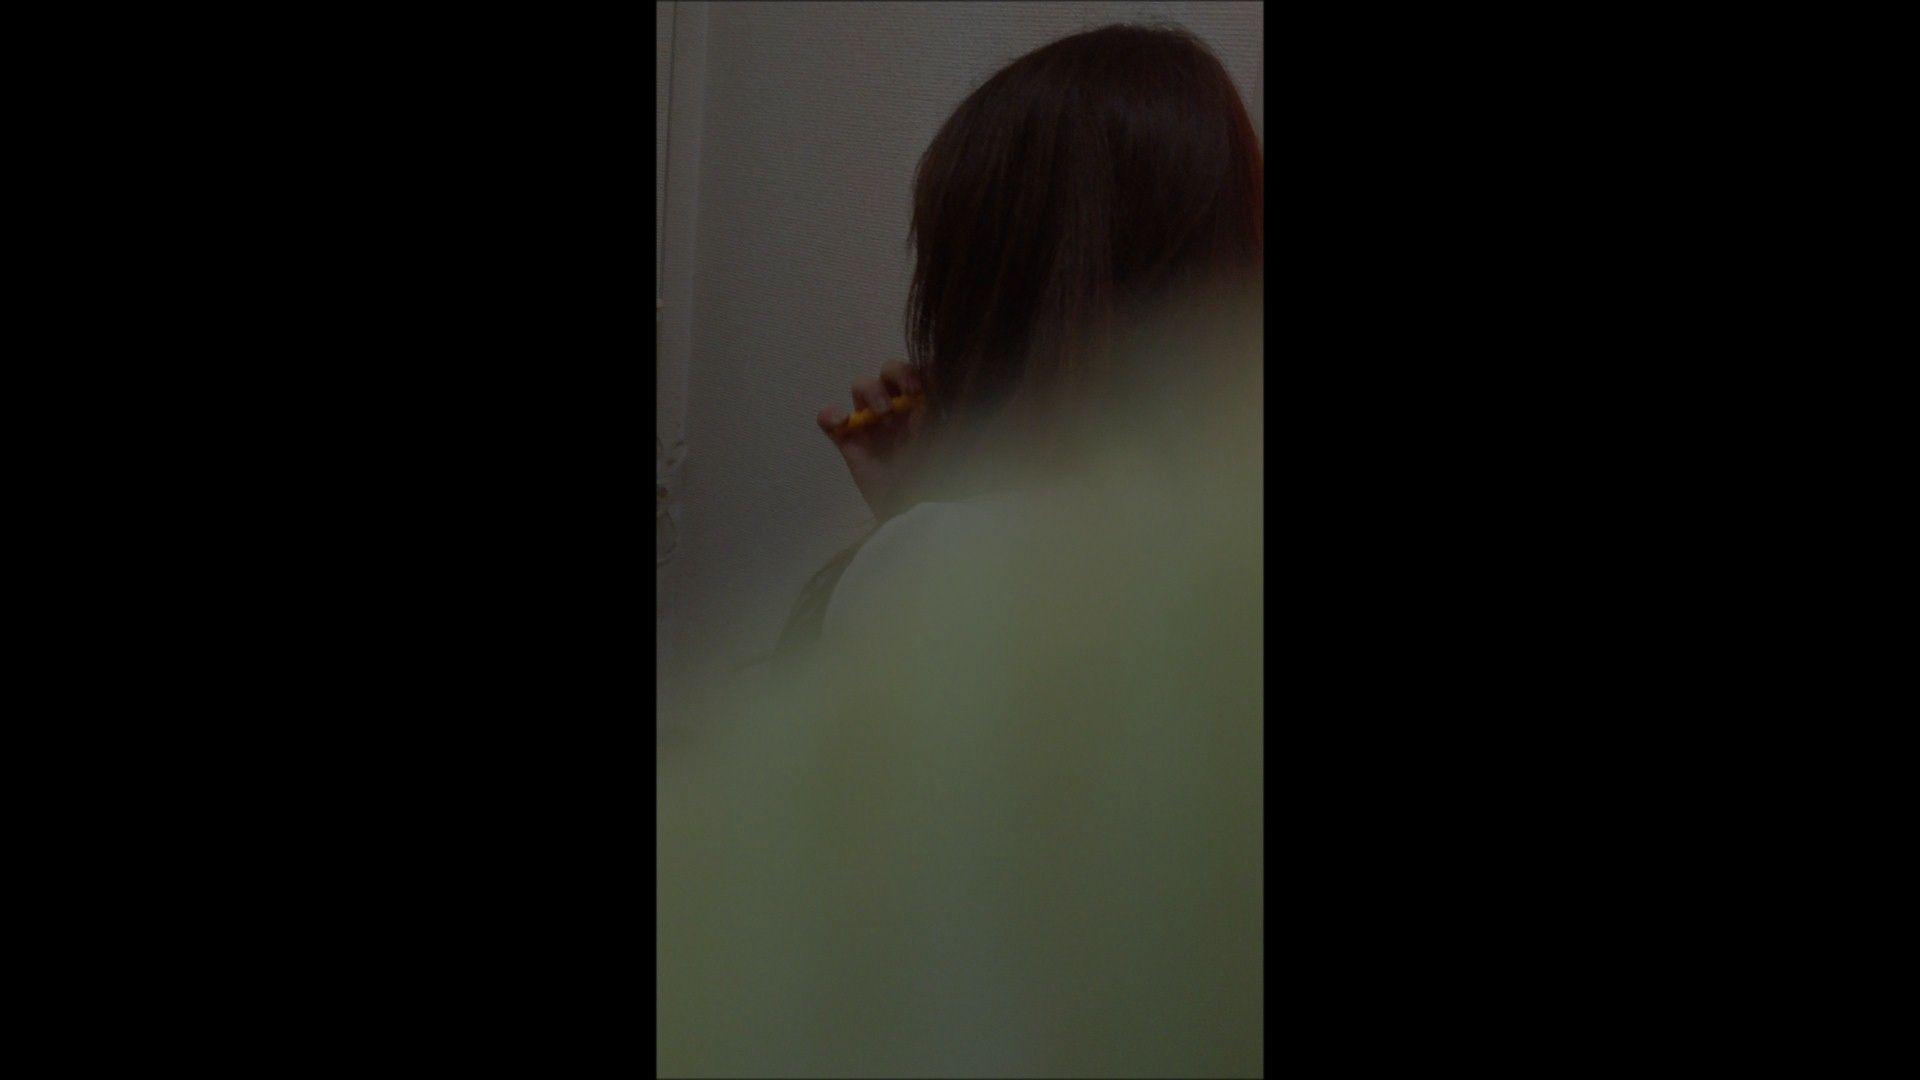 08(8日目)メイク中の彼女の顔を撮りました! マンコ特集 | オマンコ丸見え  59連発 43